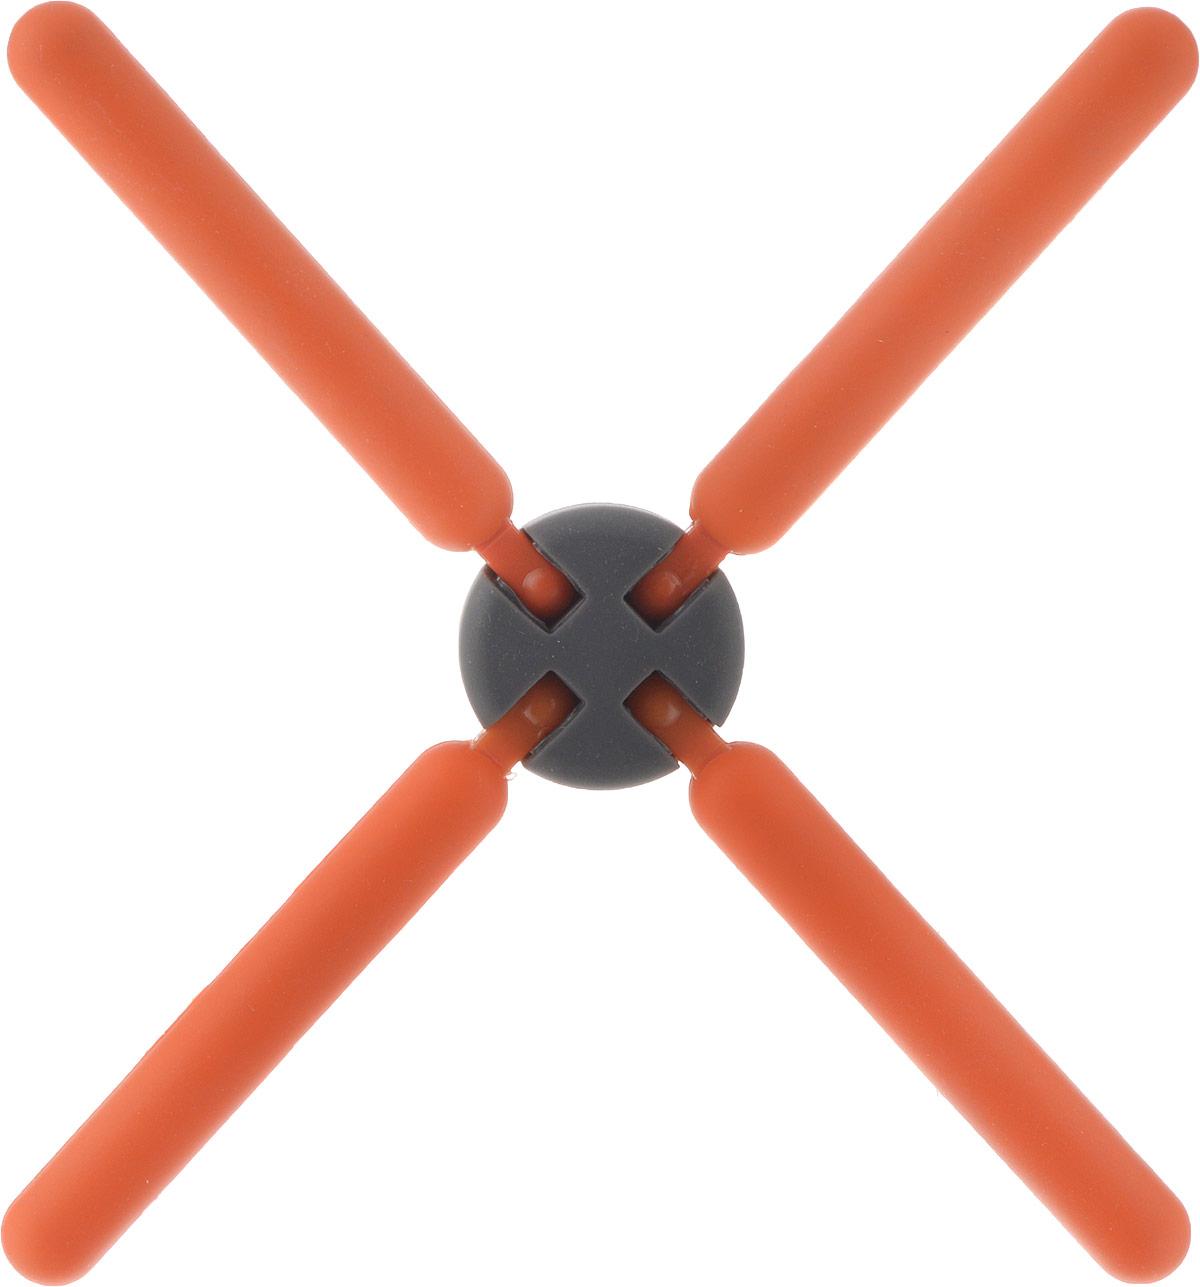 Подставка под горячее Mayer & Boch, цвет: оранжевый, 22 см. 21939-321939-3Подставка под горячее Mayer & Boch изготовлена из термостойкого силикона. Имеет красивый дизайн, яркие цвета.Подставка оформлена в виде 4 палочек, соединенных в середине.Складная. Занимает мало места.Раскладывается на 4 стороны.